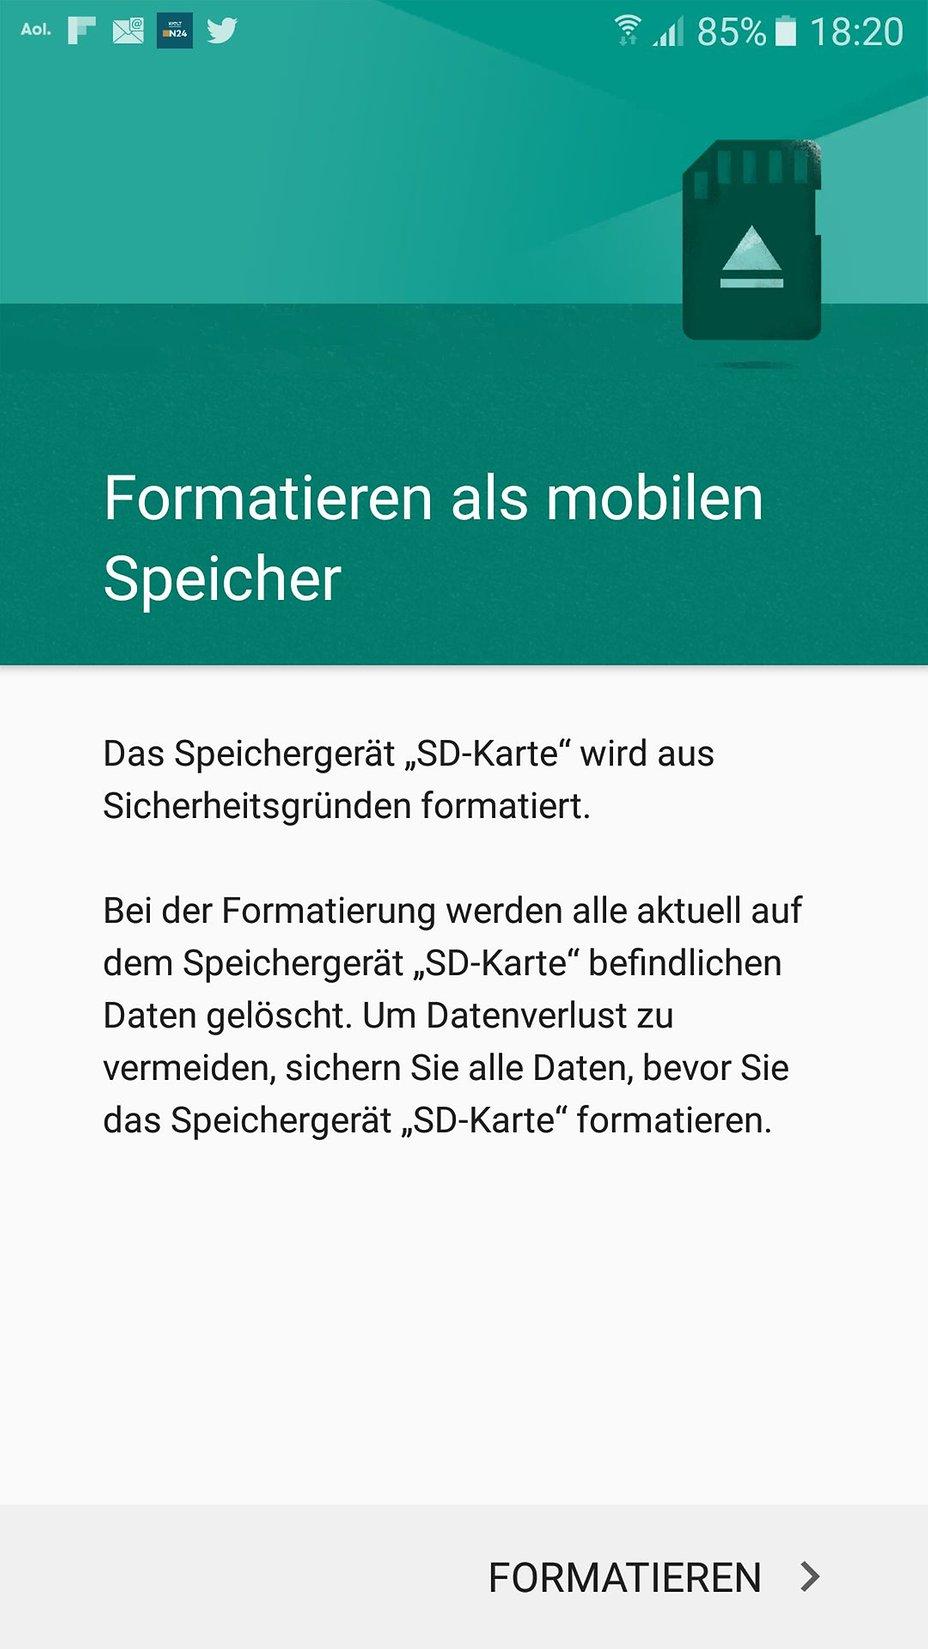 Externe Sd Karte Als Internen Speicher Nutzen.Samsung Galaxy A5 2016 128 Gb Microsd Karte Als Internen